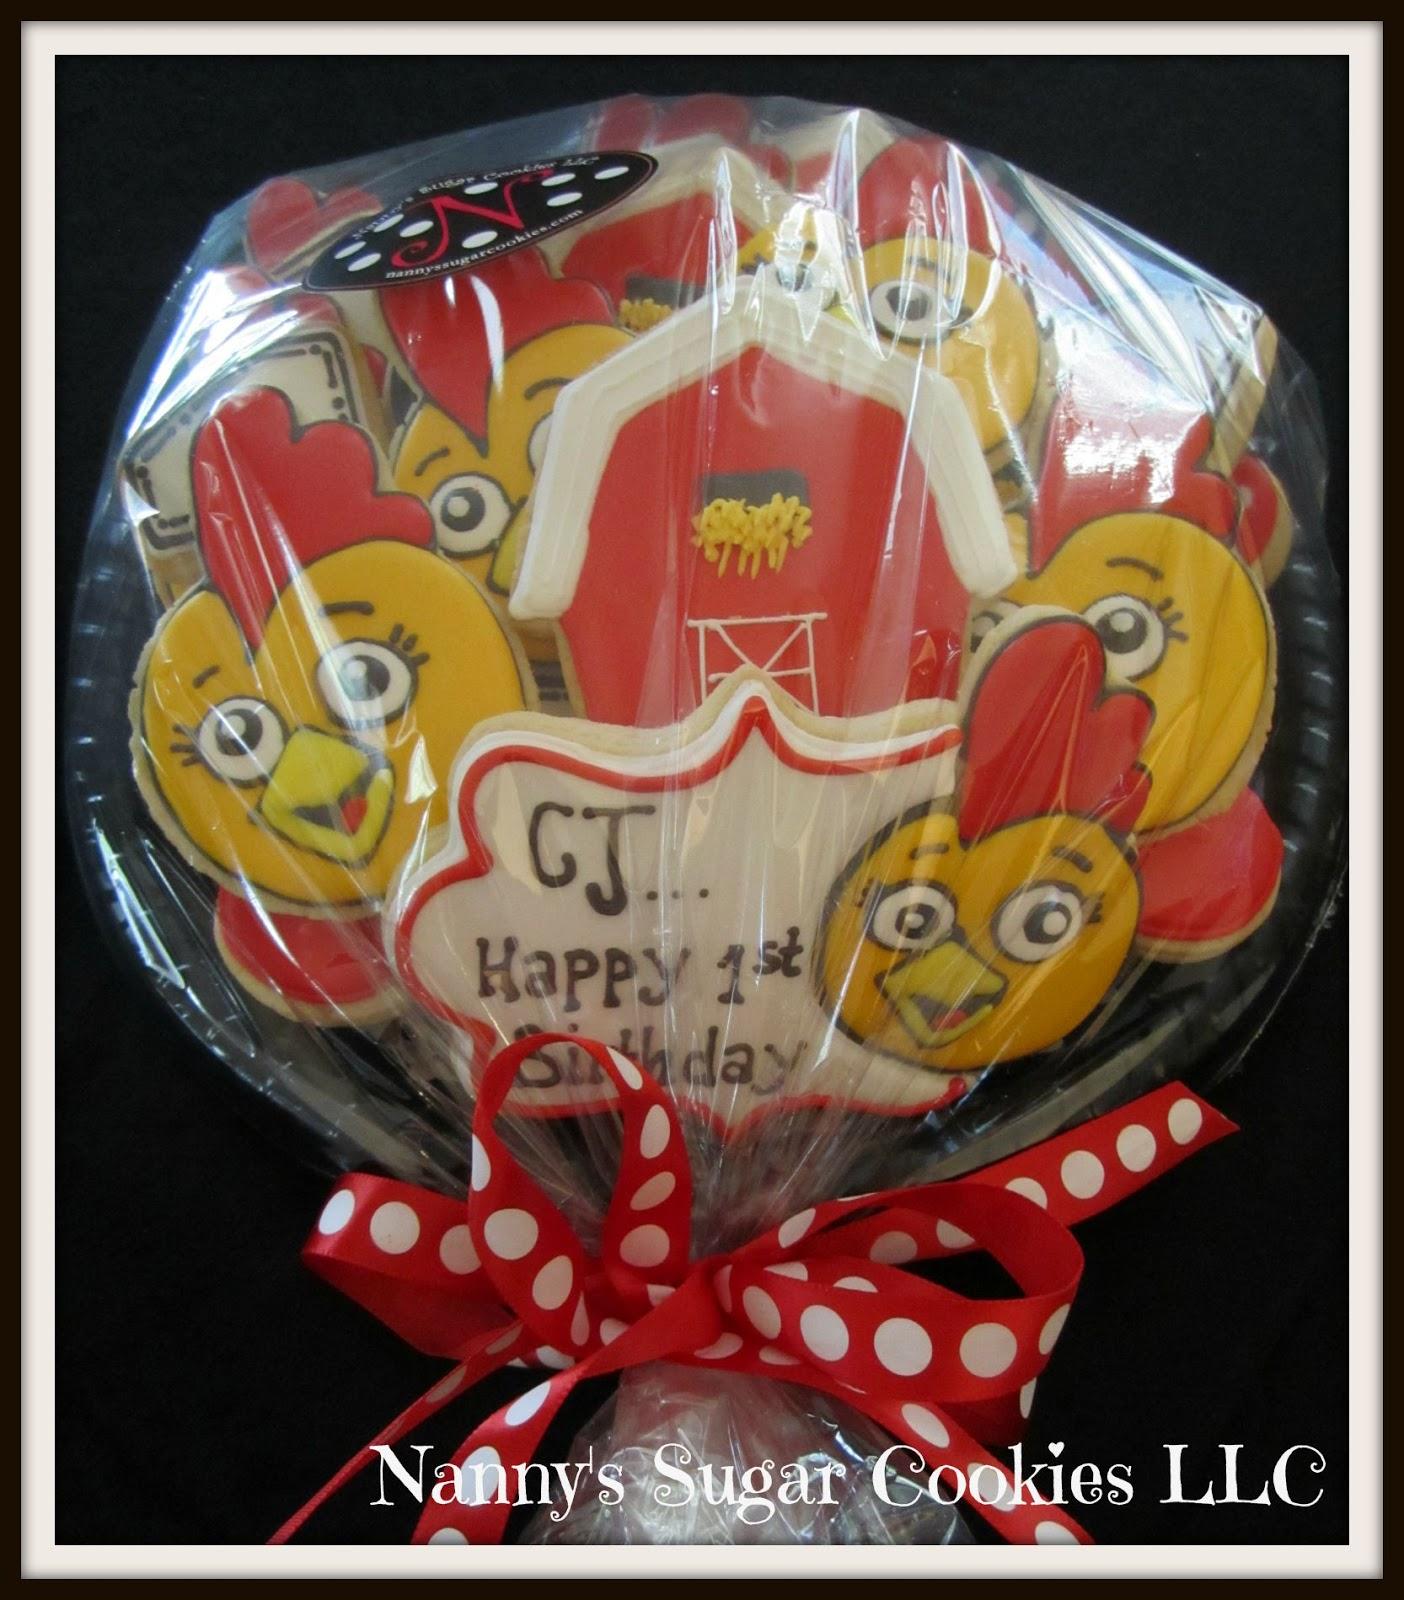 Nanny's Sugar Cookies LLC: Birthday Cookie Platters